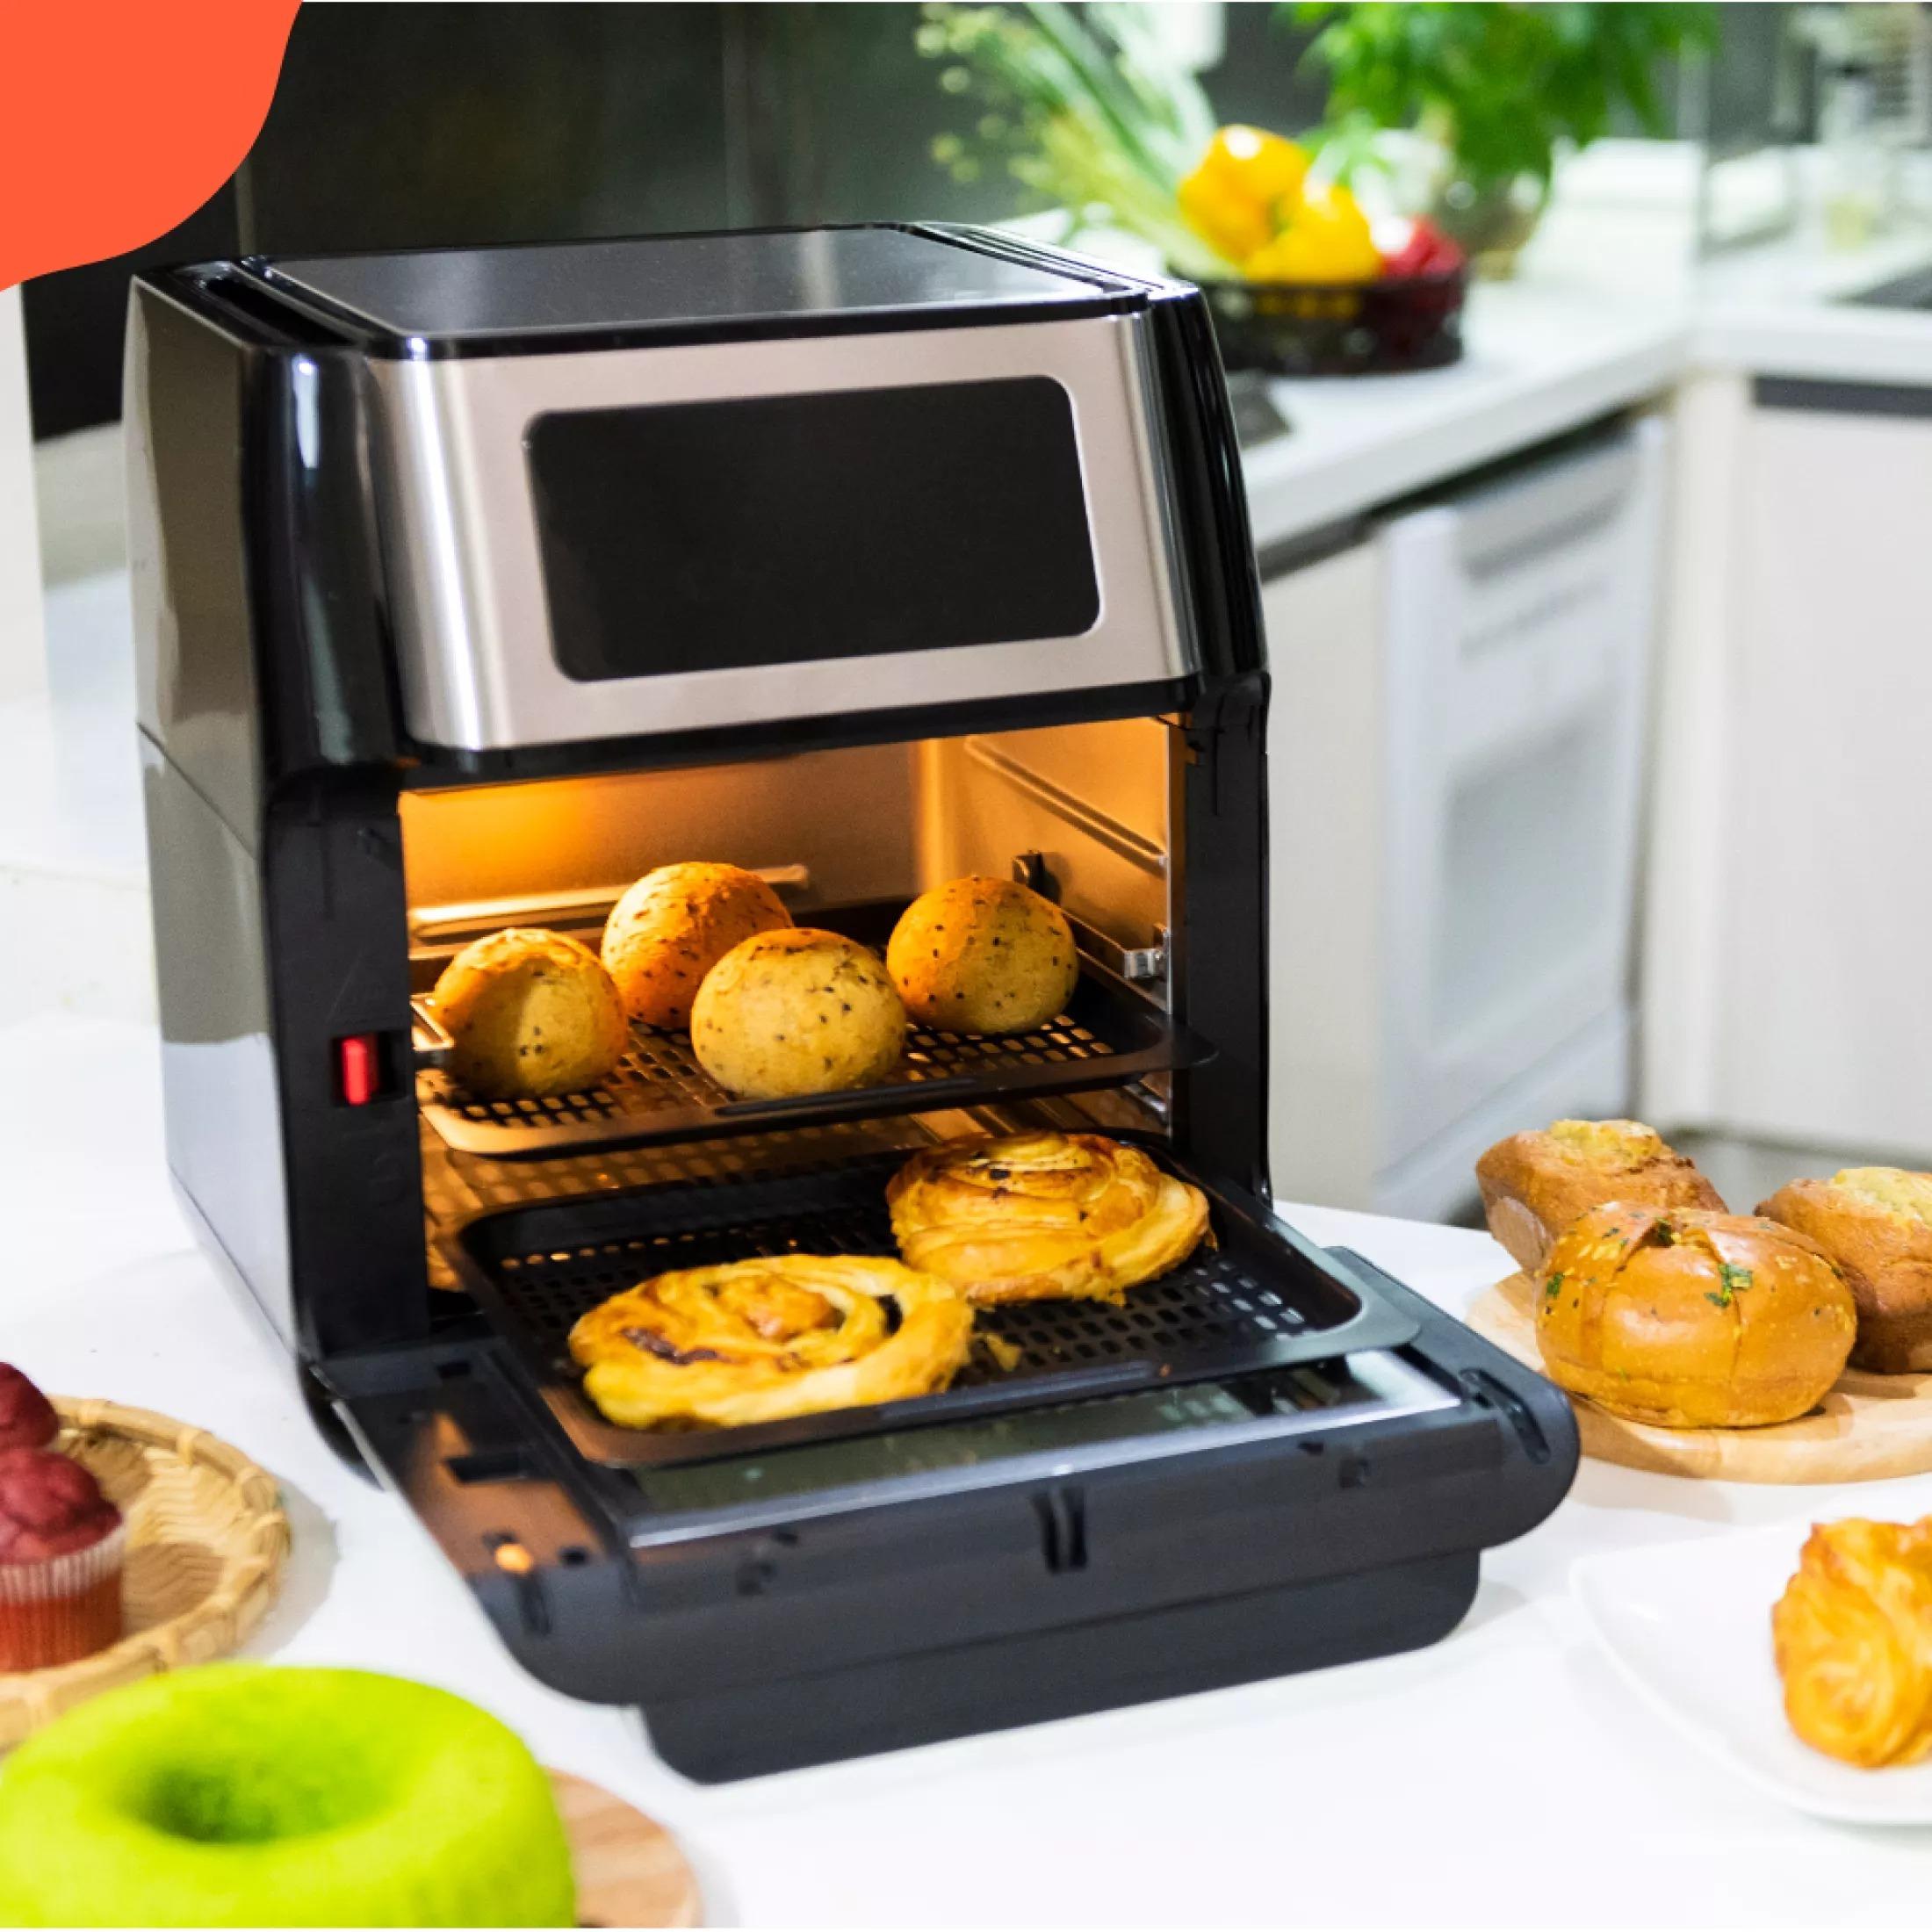 Nồi chiên không dầu Kalite Q10 với công suất 1.800 W, dung tích 10 lít, là một trong những sản phẩm bán chạy nhất trên Lazada suốt thời dịch. Nồi có bảng điều khiển LED hiện đại, phụ kiện đa dạng, cửa kính tháo rời dễ vệ sinh. Nồi có thể dùng thay thế 9 loại bếp khác nhau như: lò nướng, nồi chiên, máy nướng pizza, máy nướng bánh mì, máy làm bỏng ngô, máy ủ sữa, máy sấy hoa quả, nồi chiên sâu và lò vi sóng. Khi mua sản phẩm trên LazMall trong các ngày 12-19/9, không chỉ có mức giá ưu đãi 39% còn 2,652 triệu đồng, người dùng còn nhận thêm loạt quà gồm phụ kiện nồi chiên, voucher 100.000 đồng kèm miễn phí giao hàng toàn quốc. Đặt mua ngay tại đây.